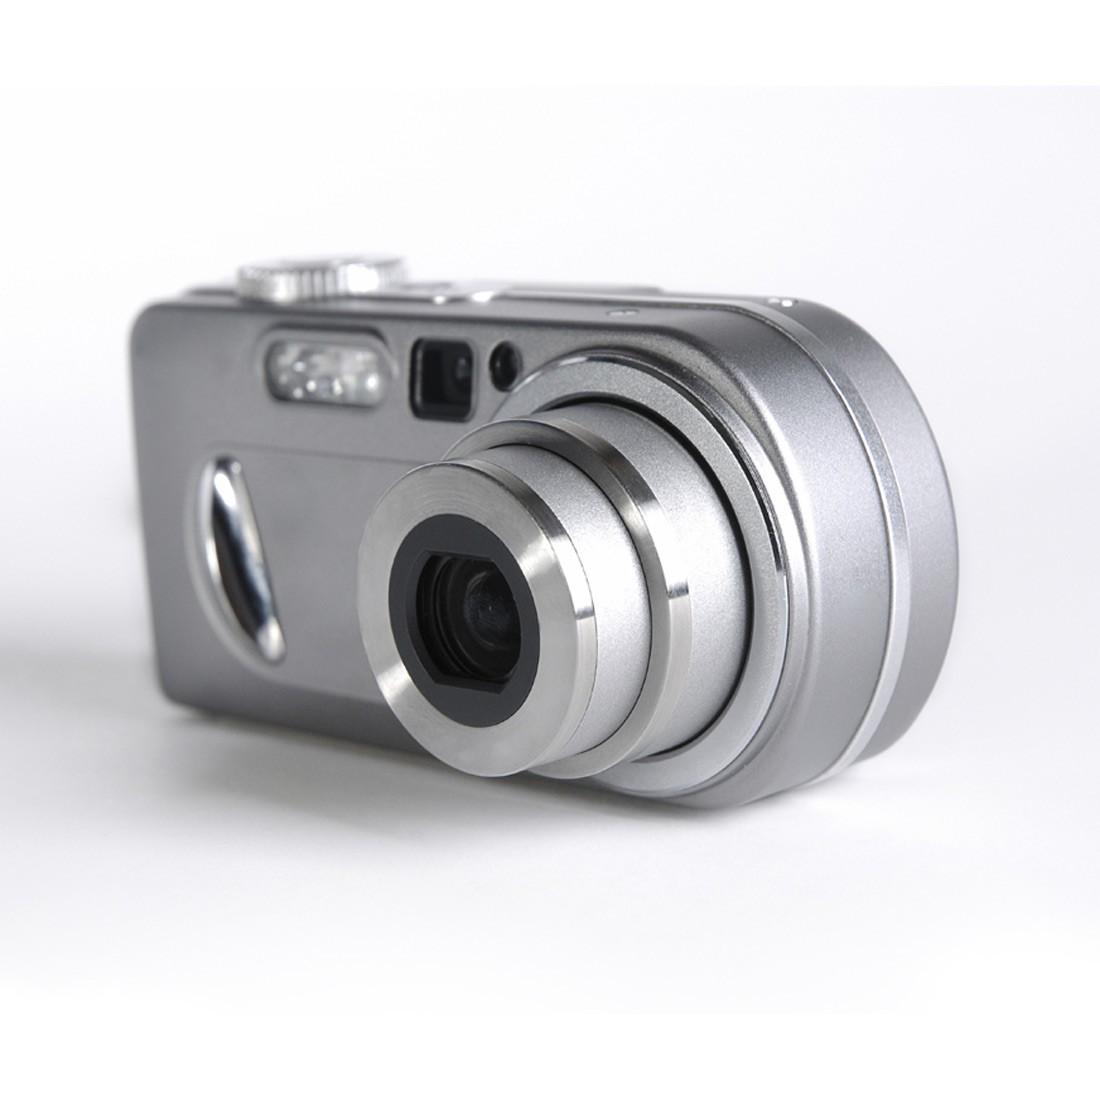 Olympus Stylus 750 7.1MP Digital Camera